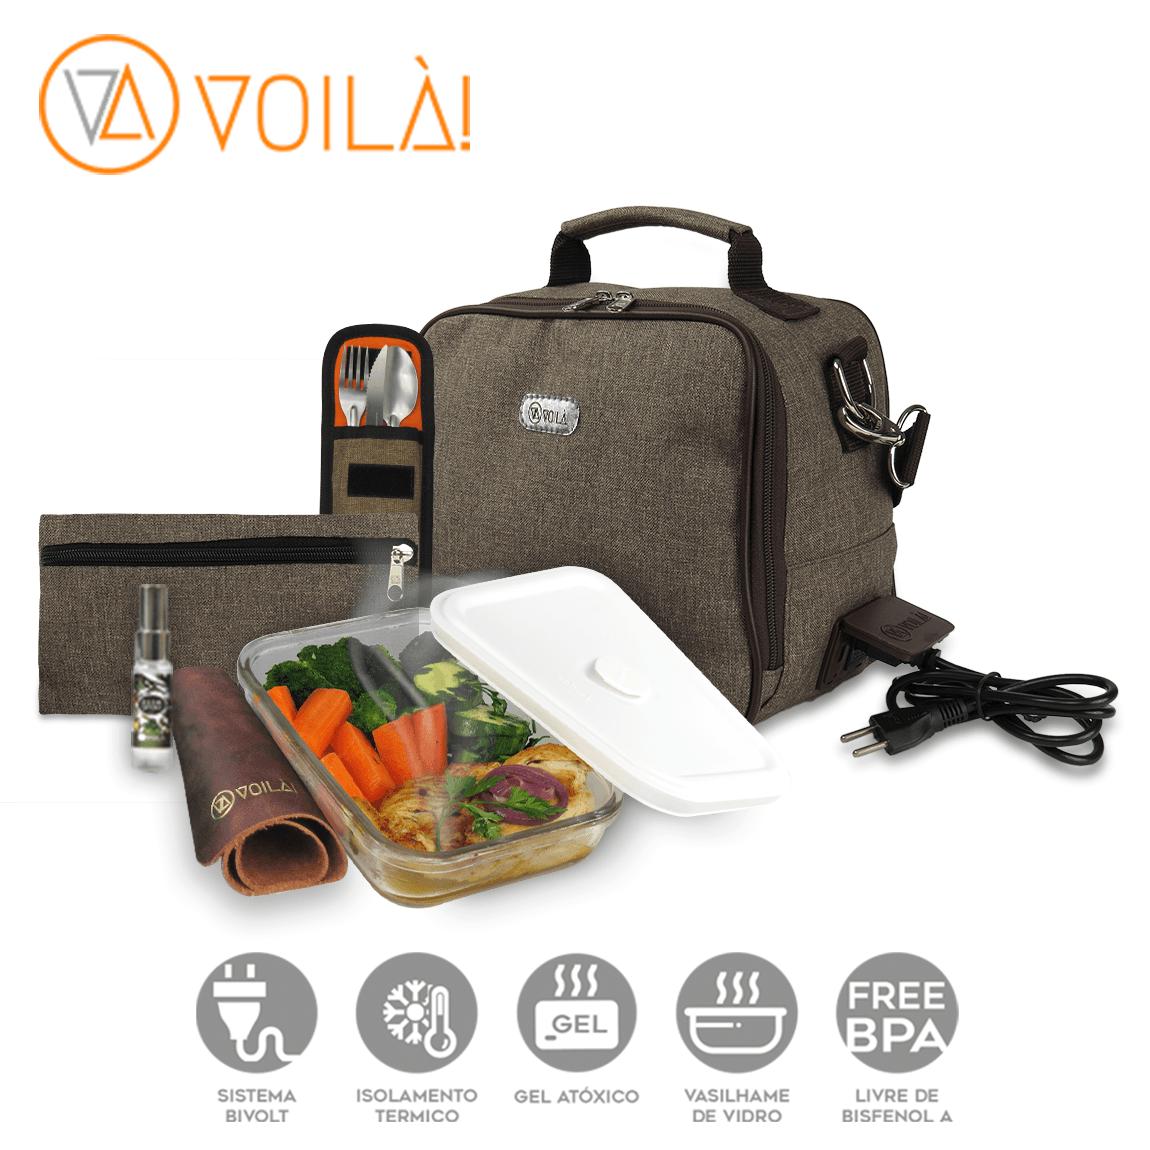 Bolsa Elétrica Voilà! Bag - Cosmopolitan Café (Com TODOS os Acessórios)